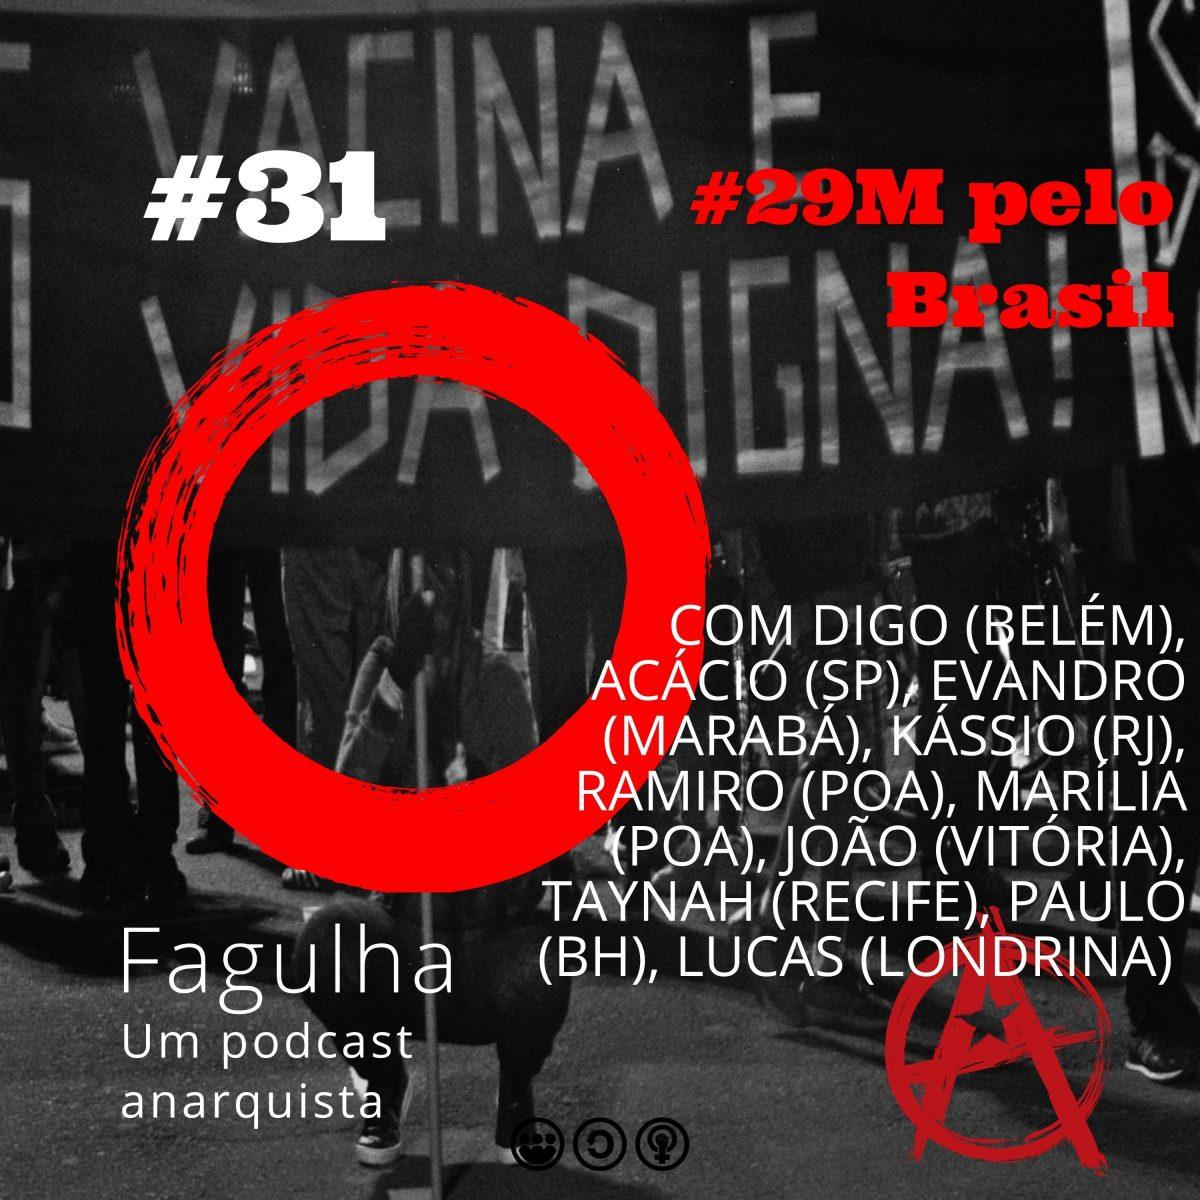 Fagulha #31: #29M pelo Brasil, com Digo (Belém), Acácio (SP), Evandro (Marabá), Kássio (RJ), R. (POA), Marília (POA), João (Vitória), Taynah (Recife), Paulo (BH), Lucas (Londrina)